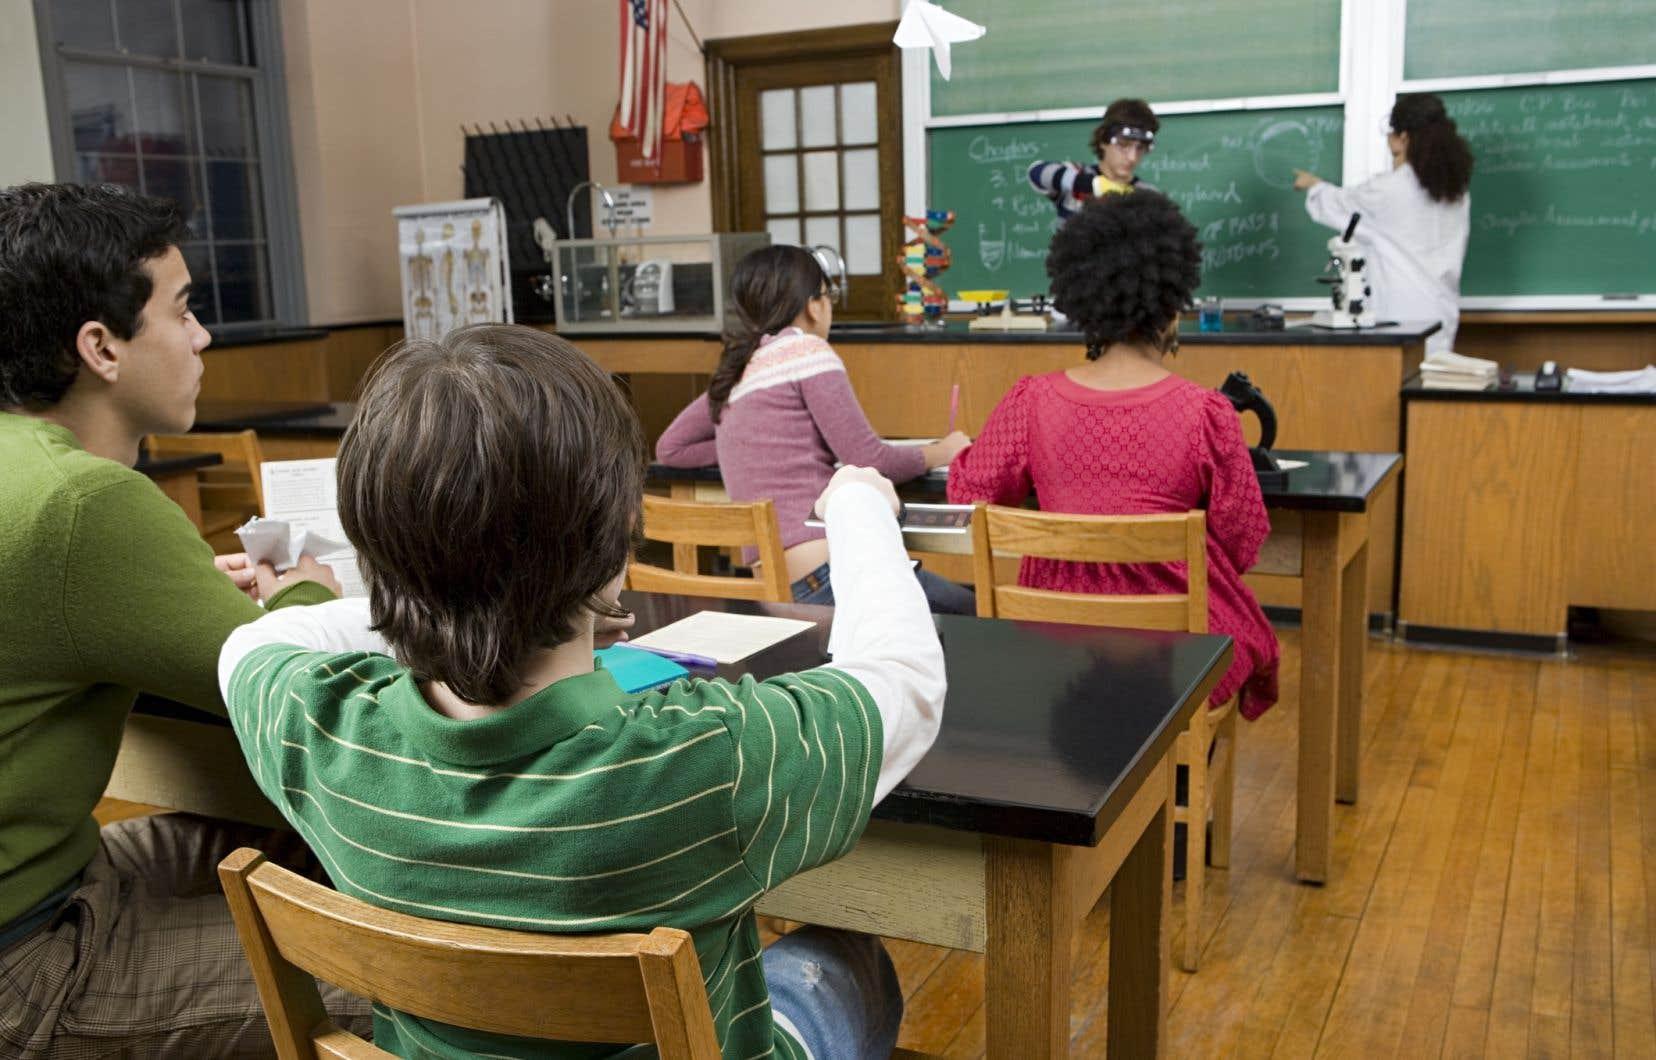 Le comportement de l'élève serait un «symptôme» plutôt qu'un «problème», selon la chercheuseMarie-Christine Brault.